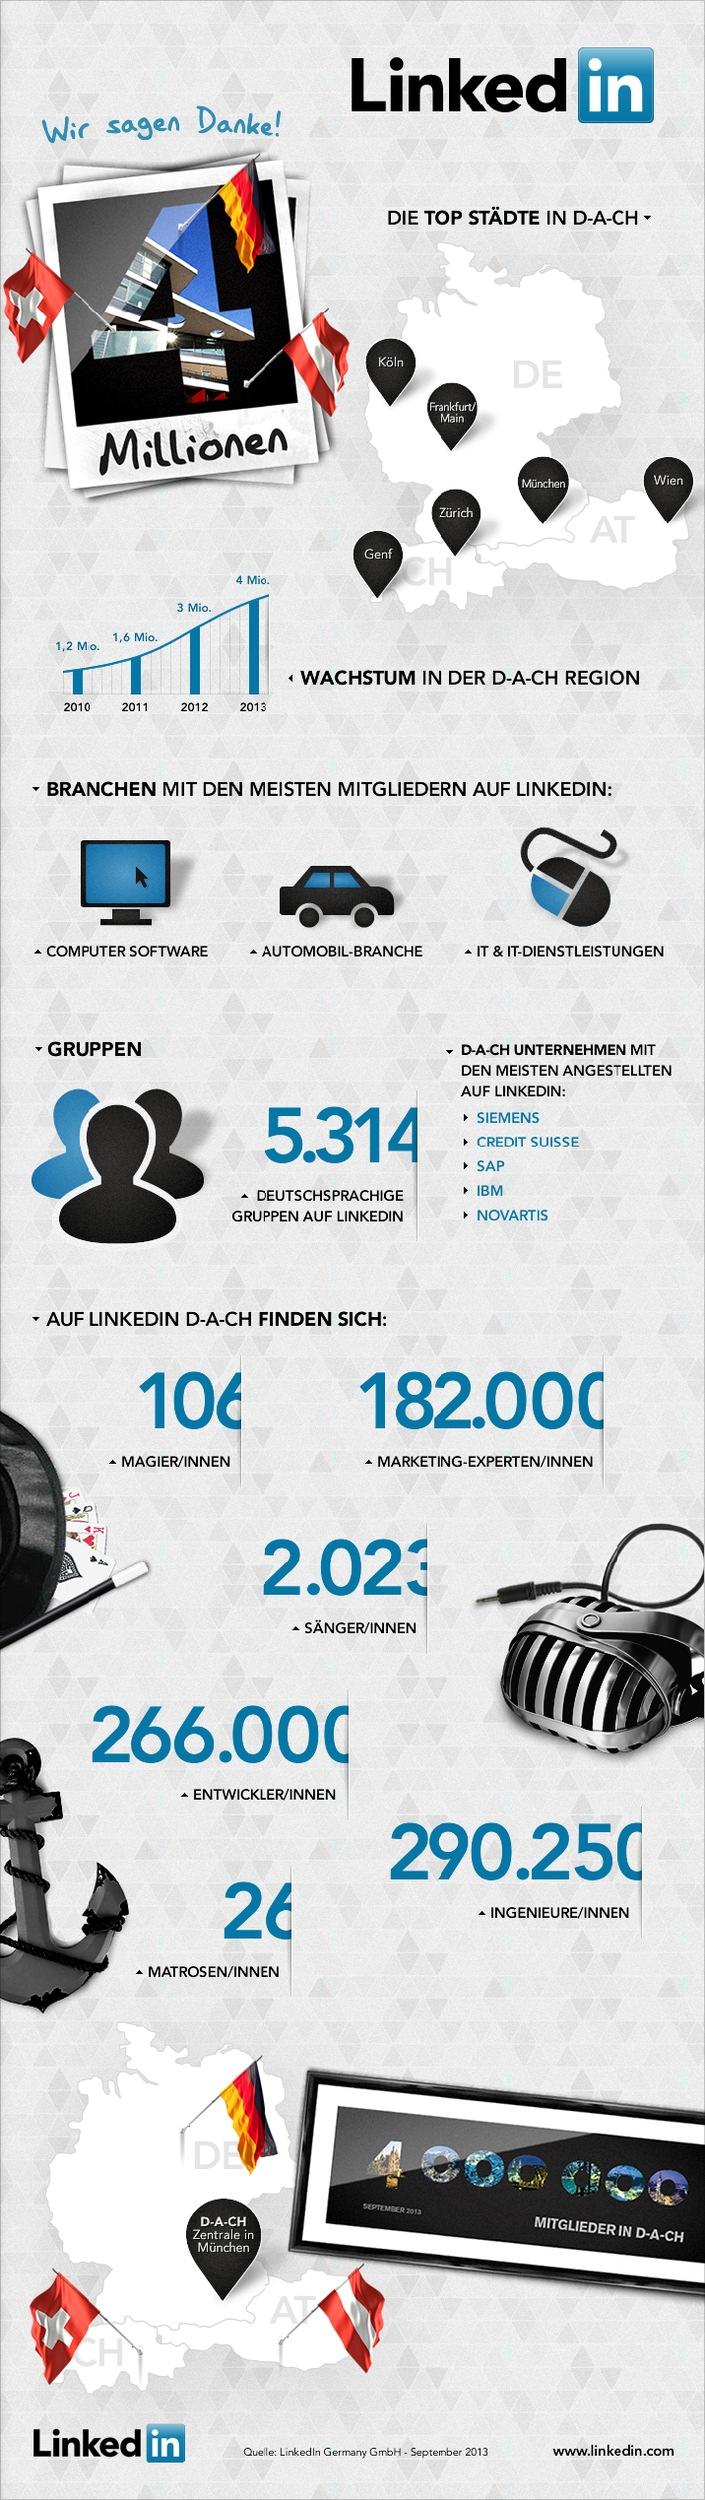 LinkedIn wächst: 4 Millionen Nutzer setzen im deutschsprachigen Raum auf das Business-Netzwerk / Wachstumssprung von LinkedIn DACH in zehn Monaten um 35 Prozent